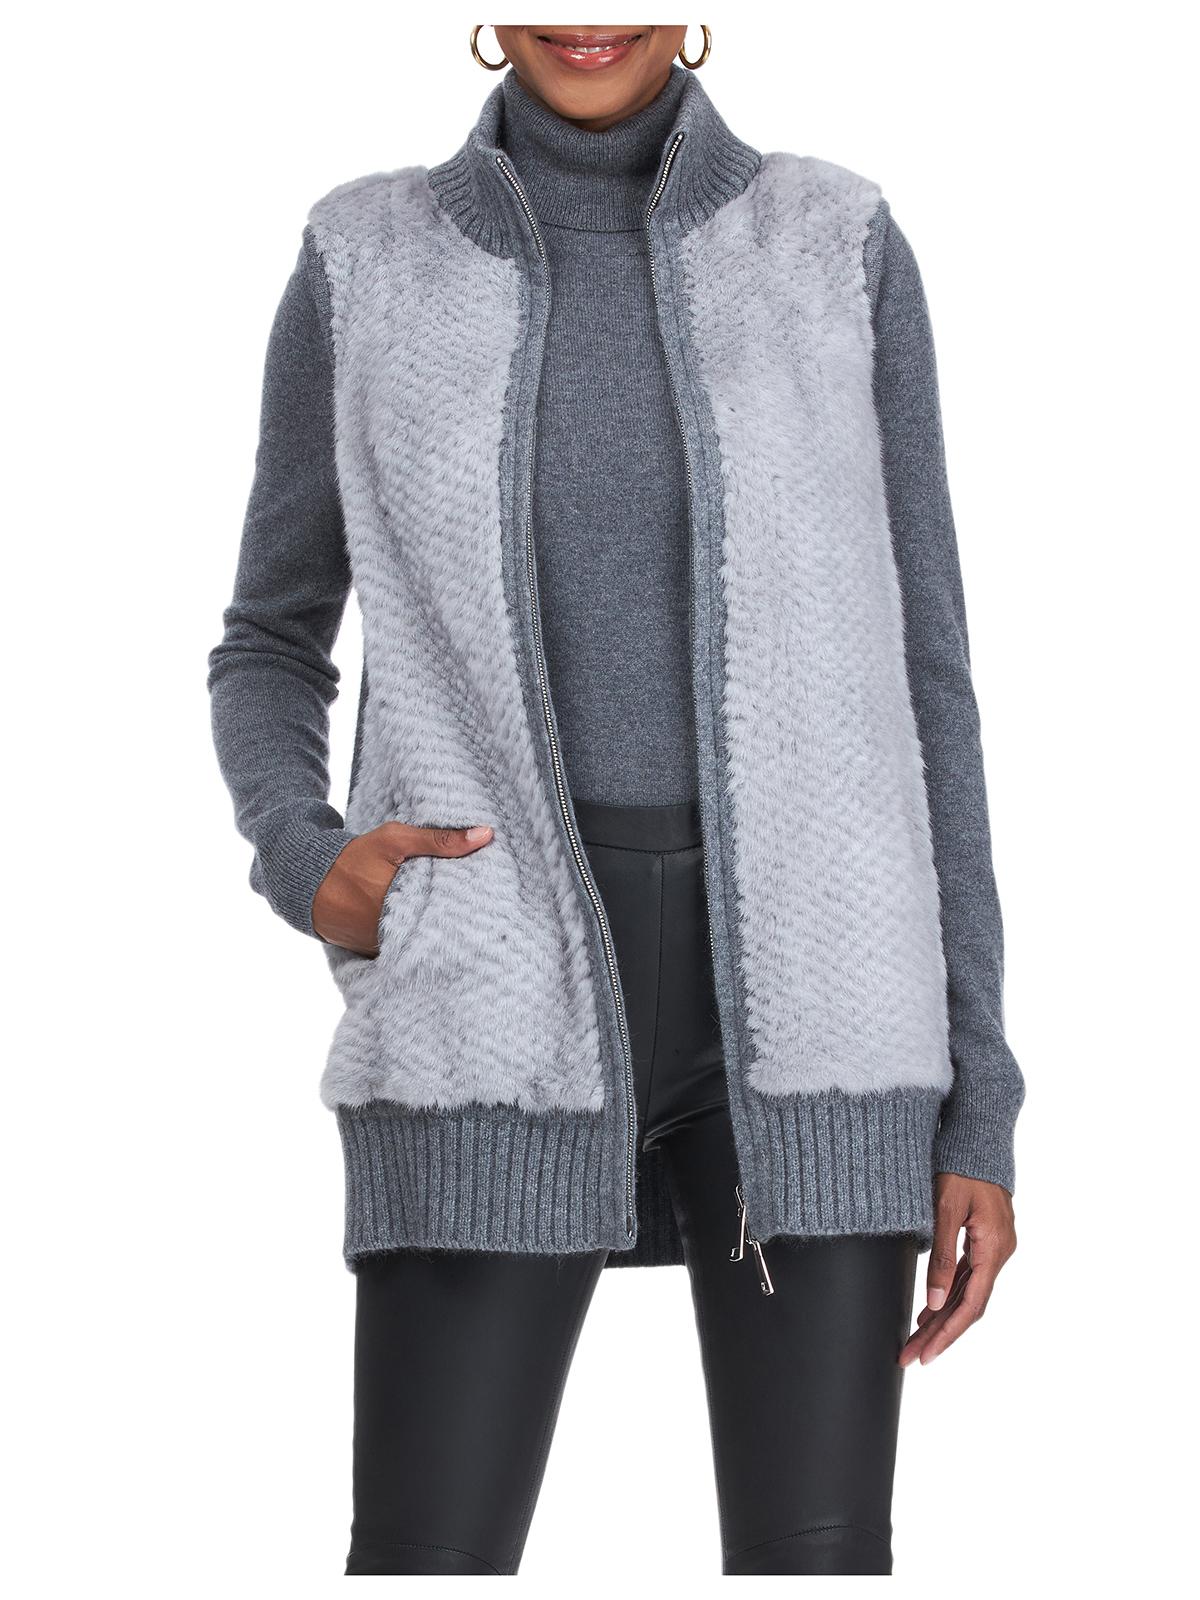 Gorski Woman's Blue-Iris Mink Fur Vest